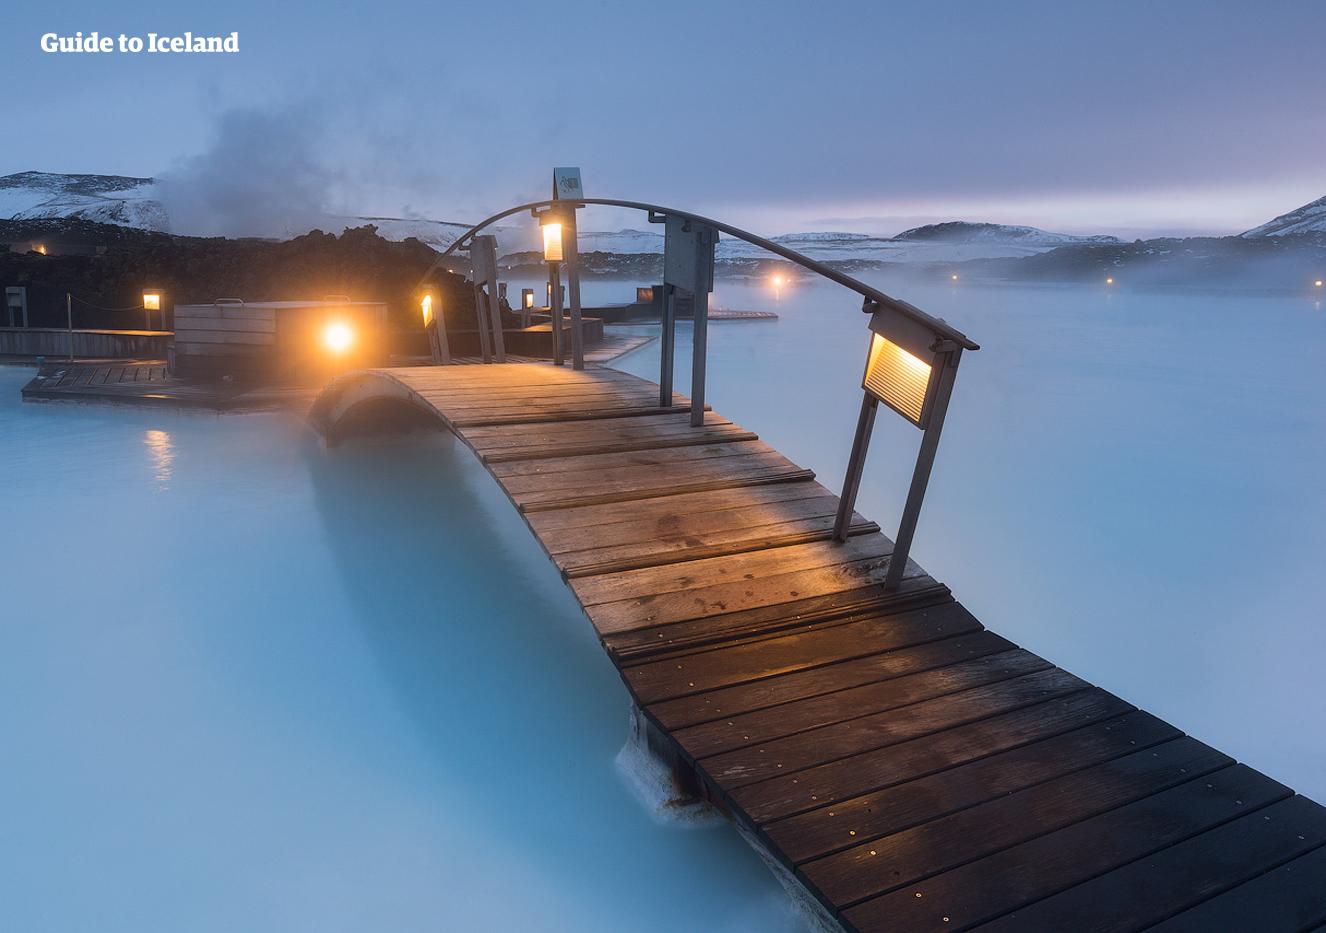 Ett besök i Blå lagunen är både uppfriskande och avkopplande